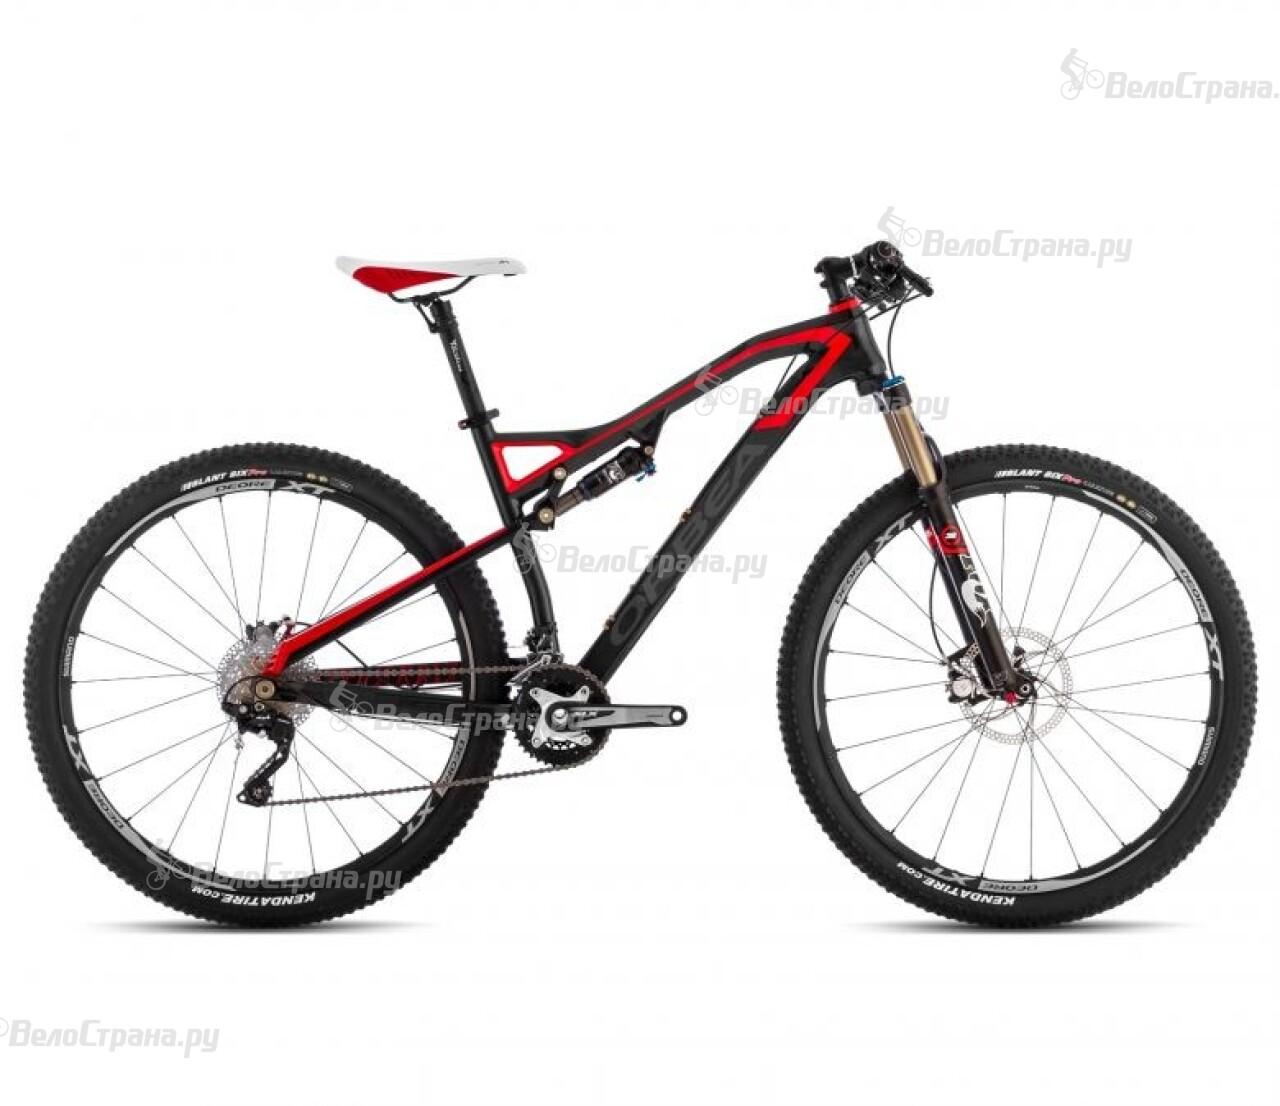 Велосипед Orbea Occam 29 M40 (2014) велосипед orbea occam m10 2014